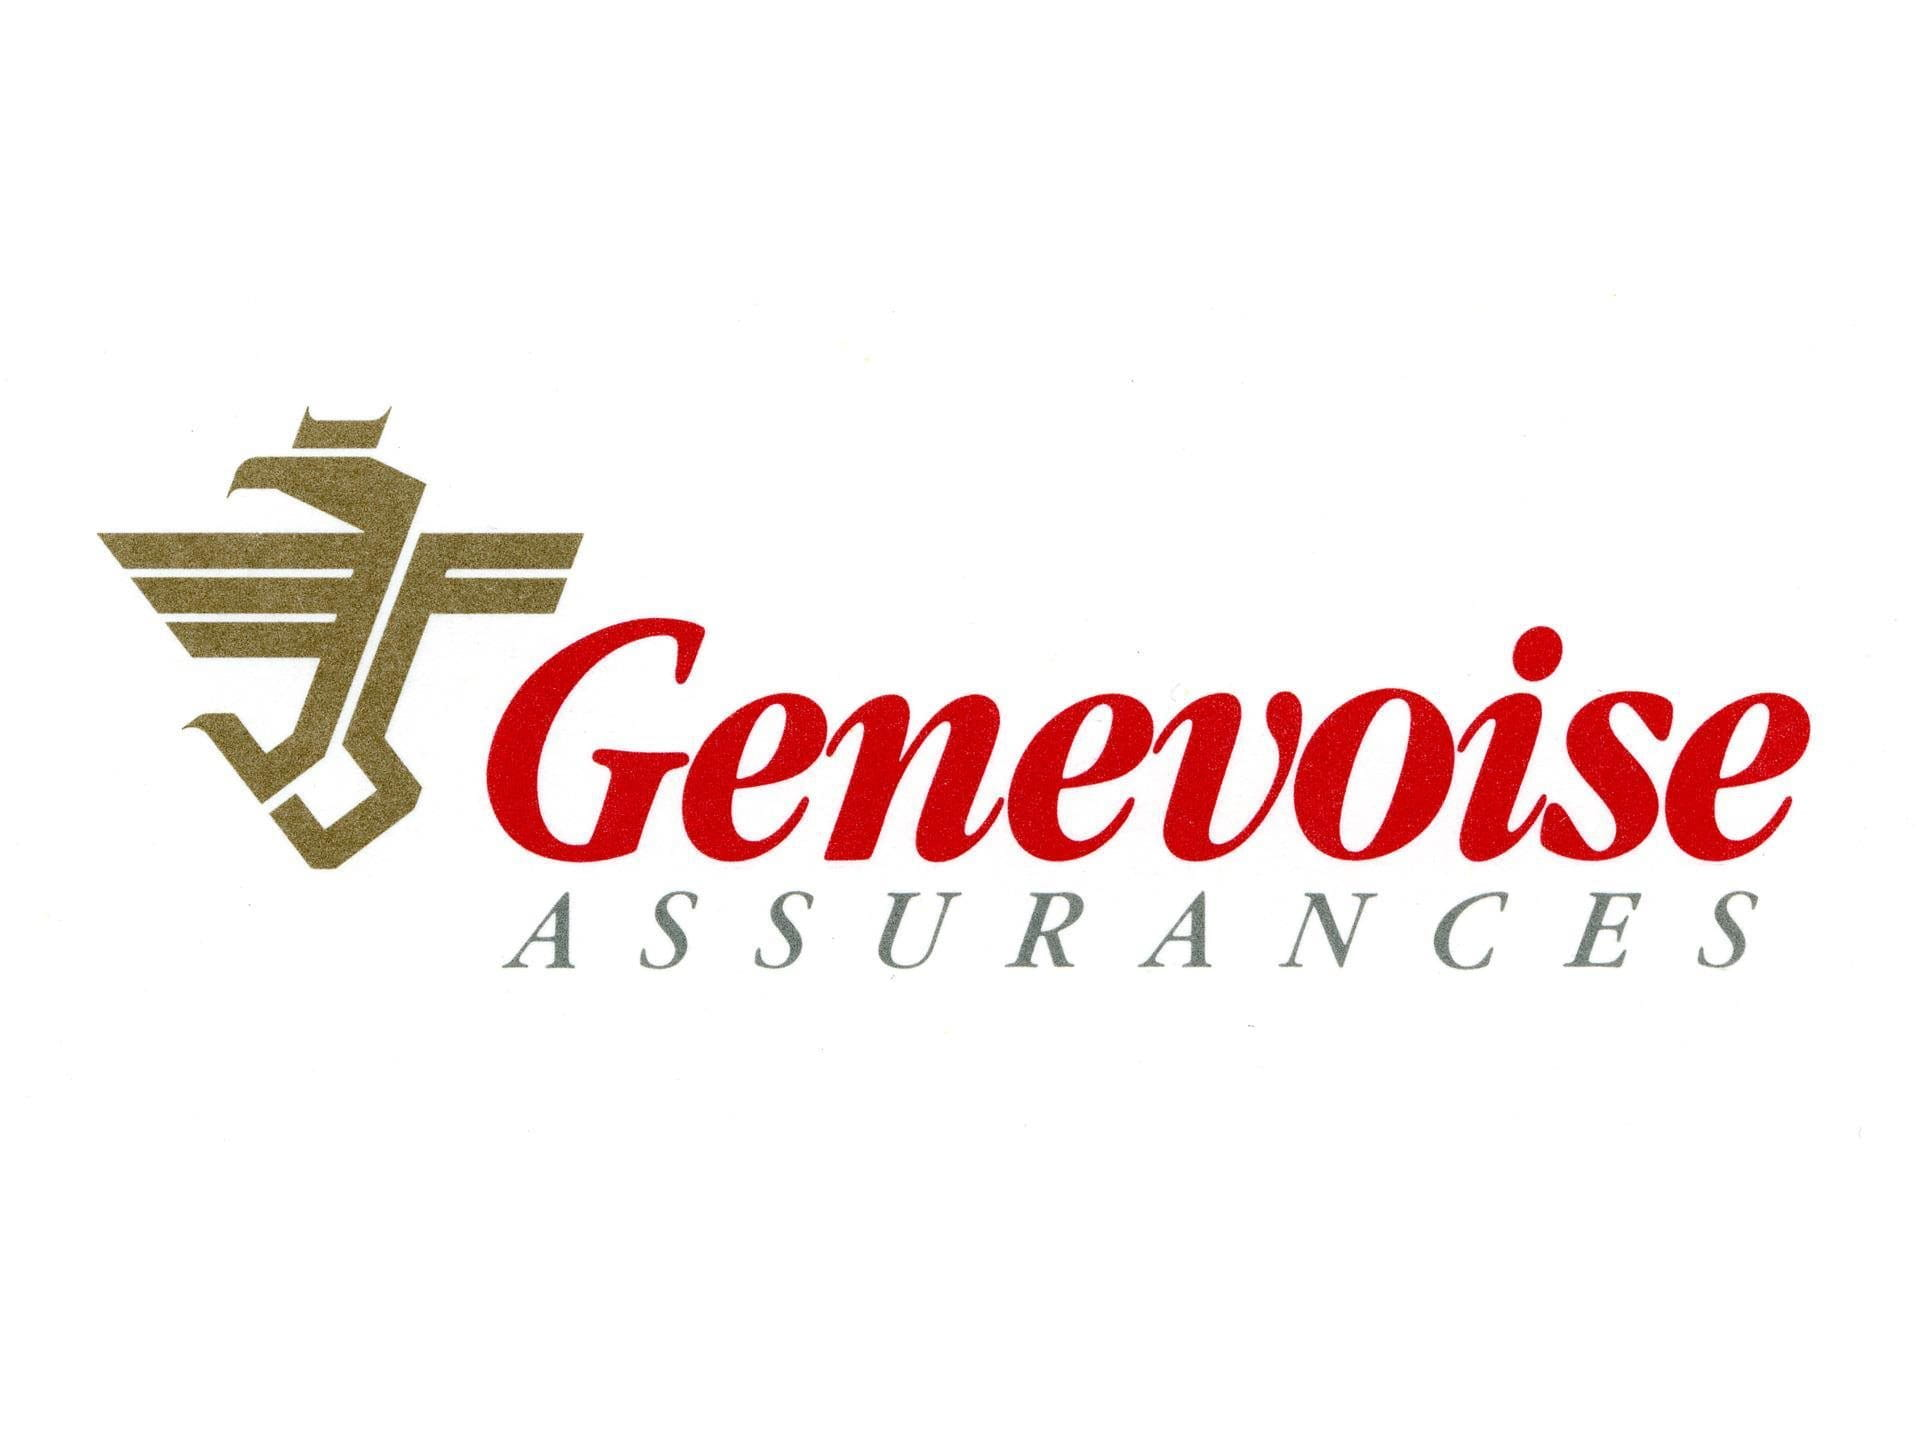 1991: Acquisizione del gruppo assicurativo Genevoise